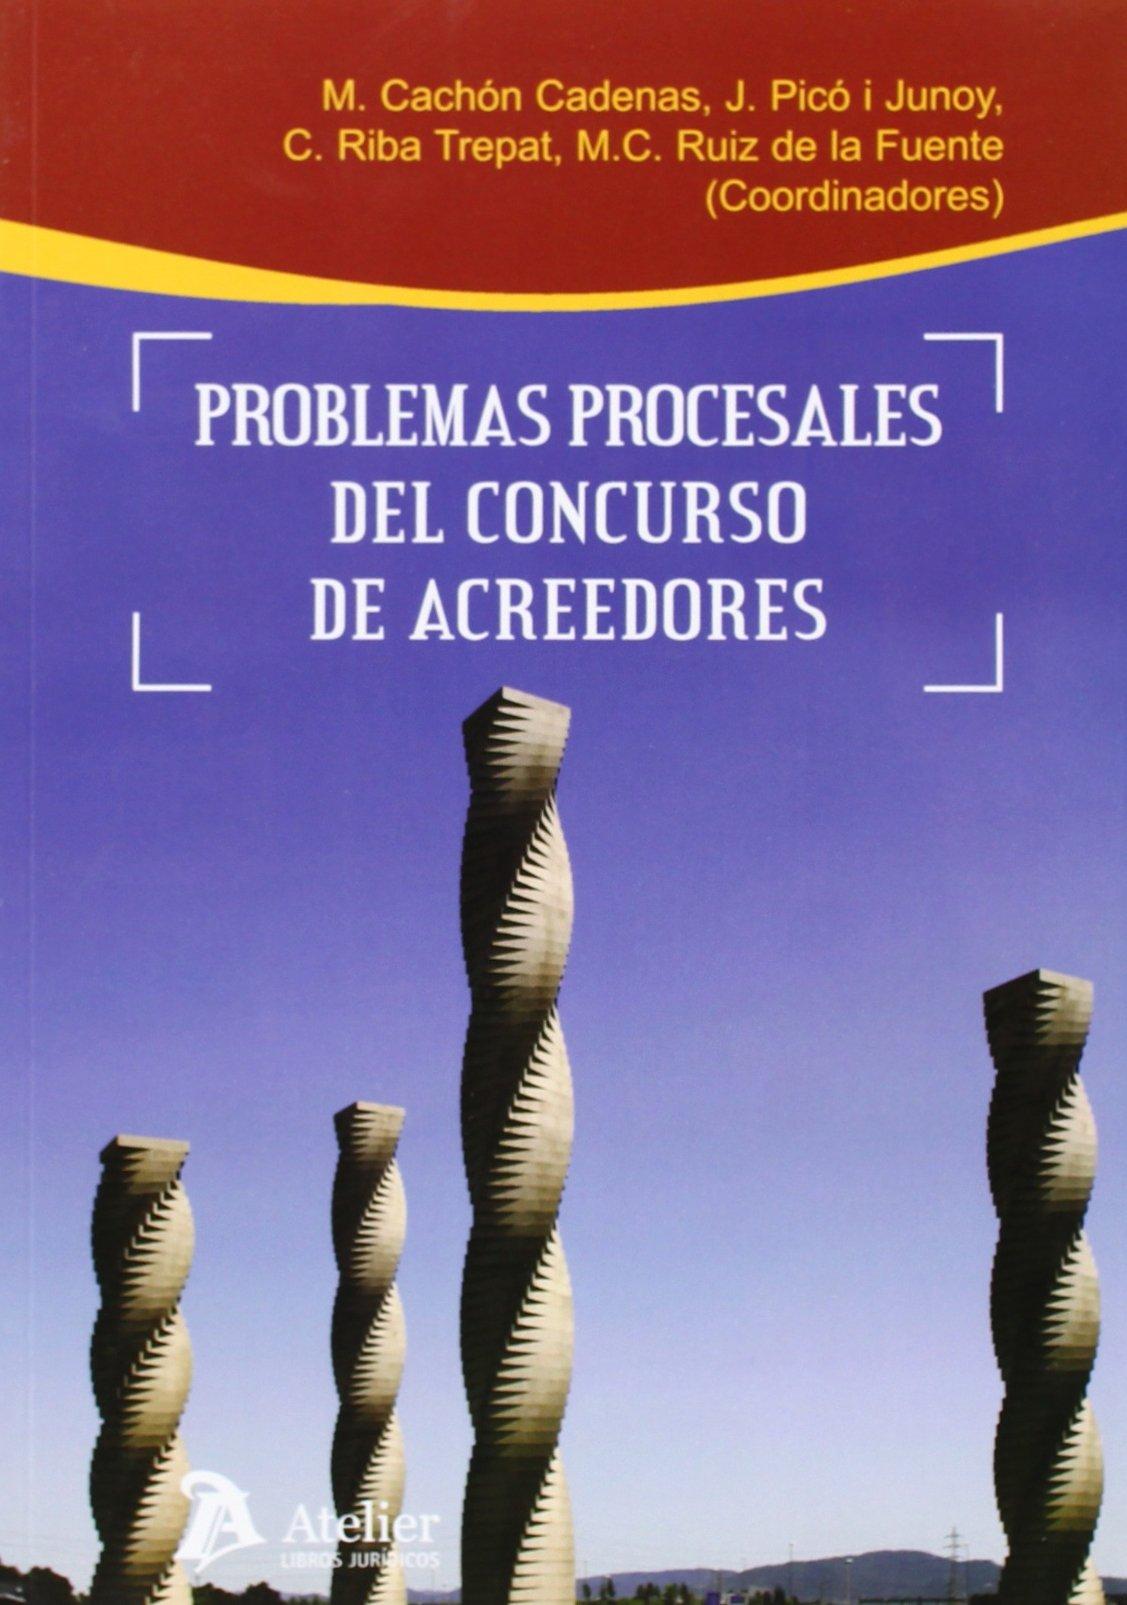 Problemas Procesales Del Concurso De Acreedores Processus Iudicii: Amazon.es: Manuel Cachon Cadenas: Libros